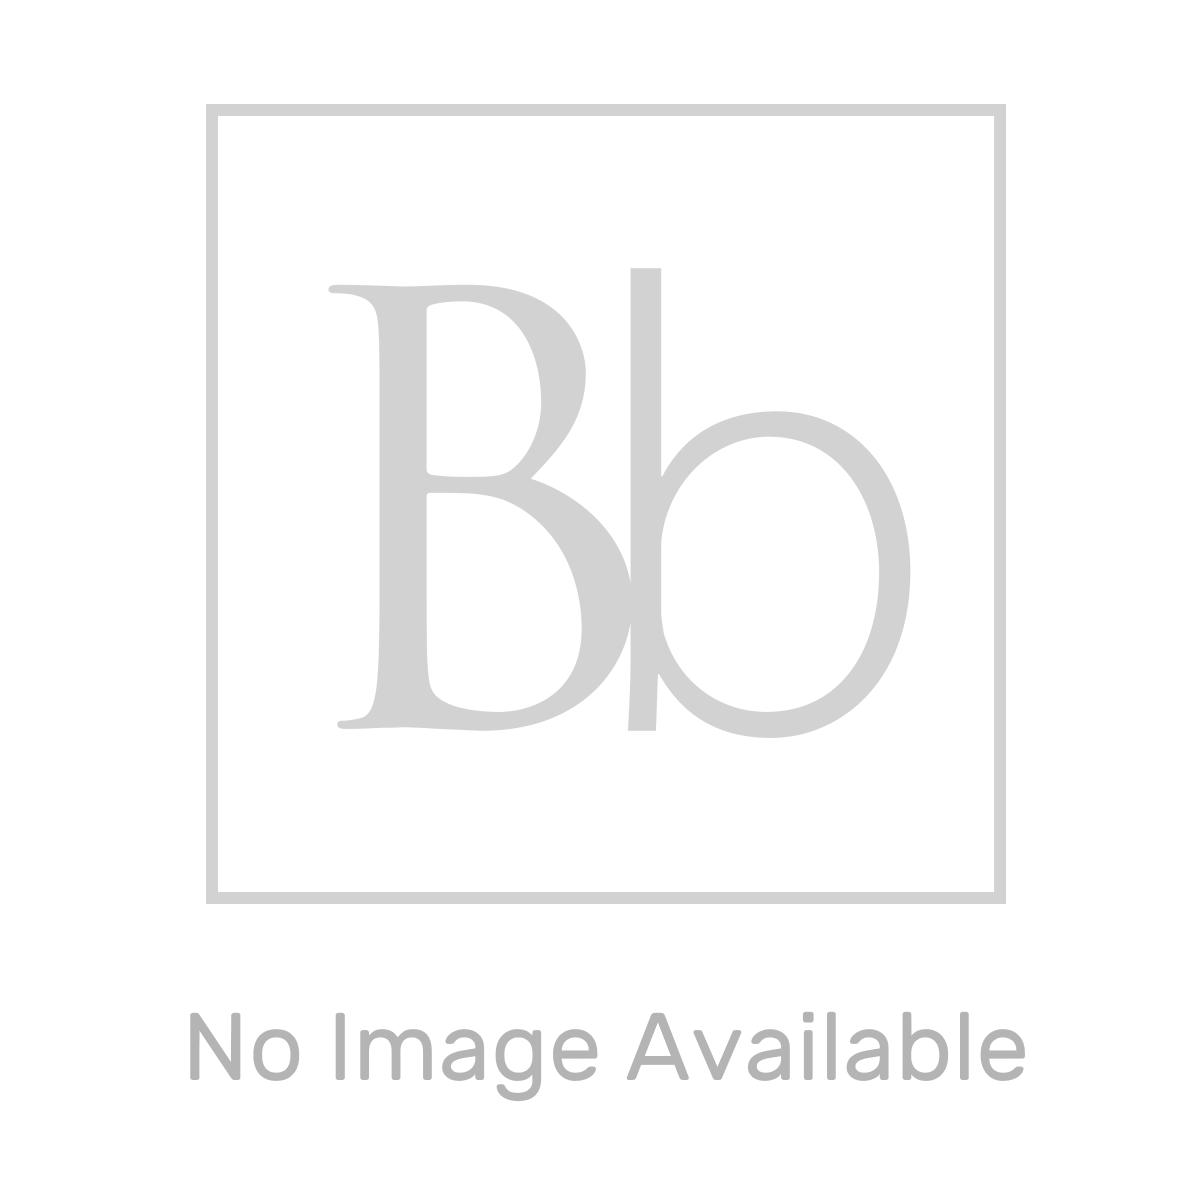 RAK Series 600 Bathroom Suite with Quadrant Shower Enclosure Drawing